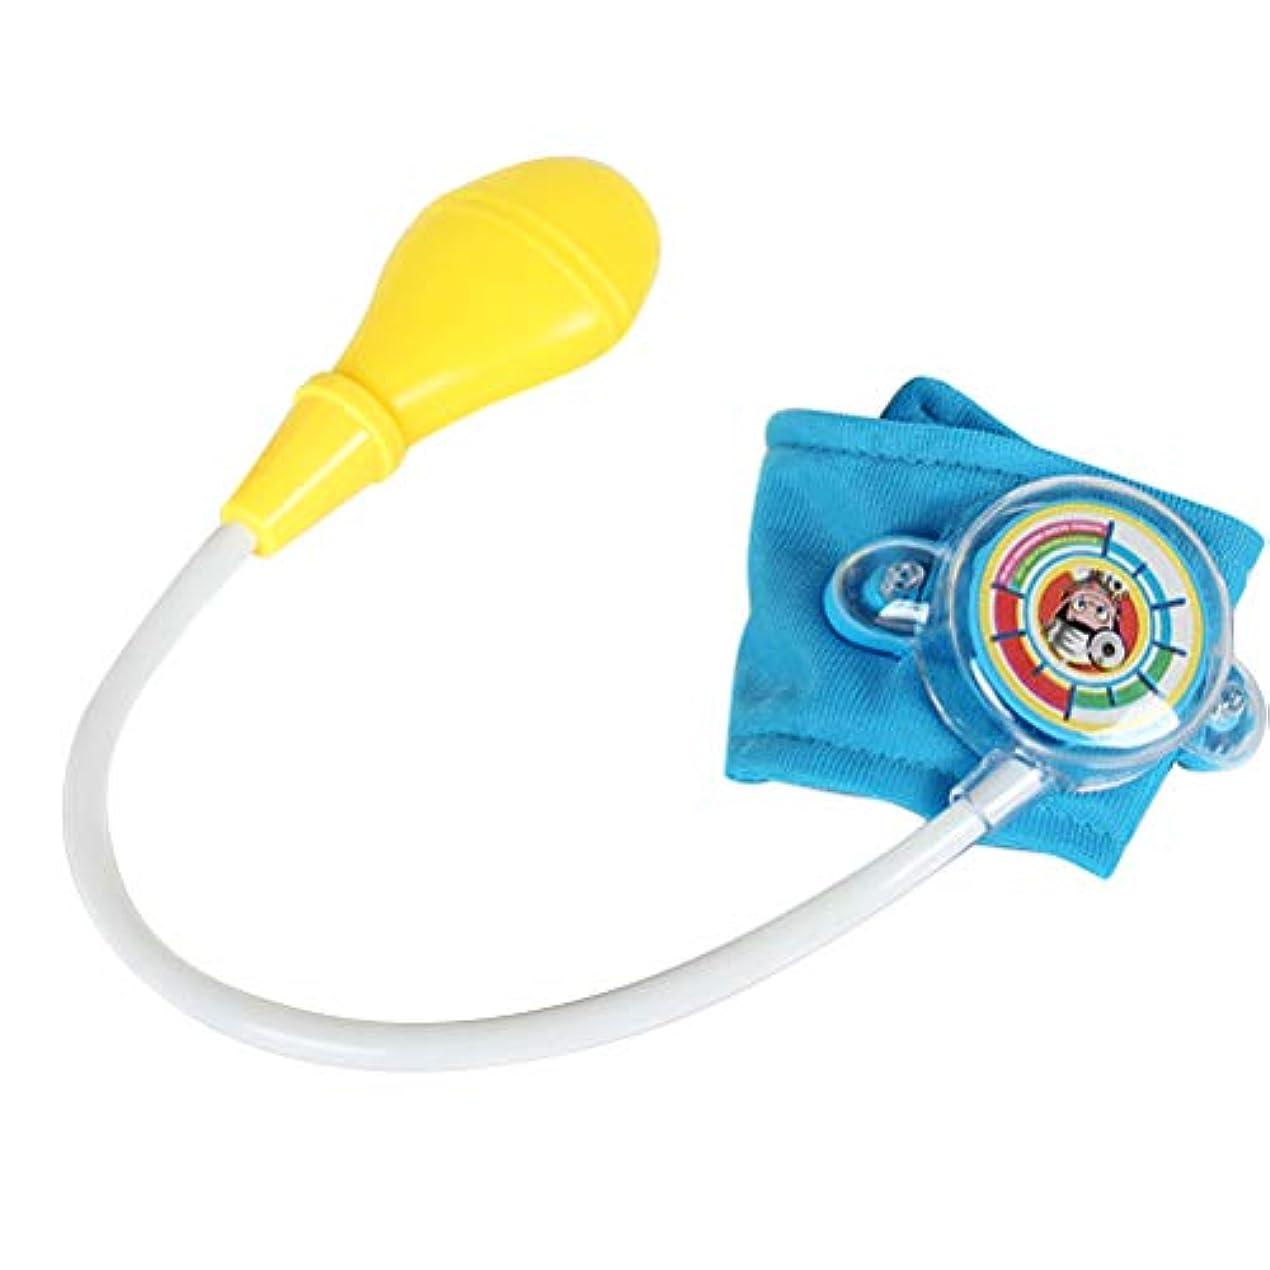 ほとんどの場合シールドベーコンKonrev ままごと遊び お医者さんごっこ 血圧計 おもちゃ プレイングゲーム 知育 おもちゃ 社会性 言語力 想像力育ち ごっこ遊び 誕生日プレゼント 出産祝い